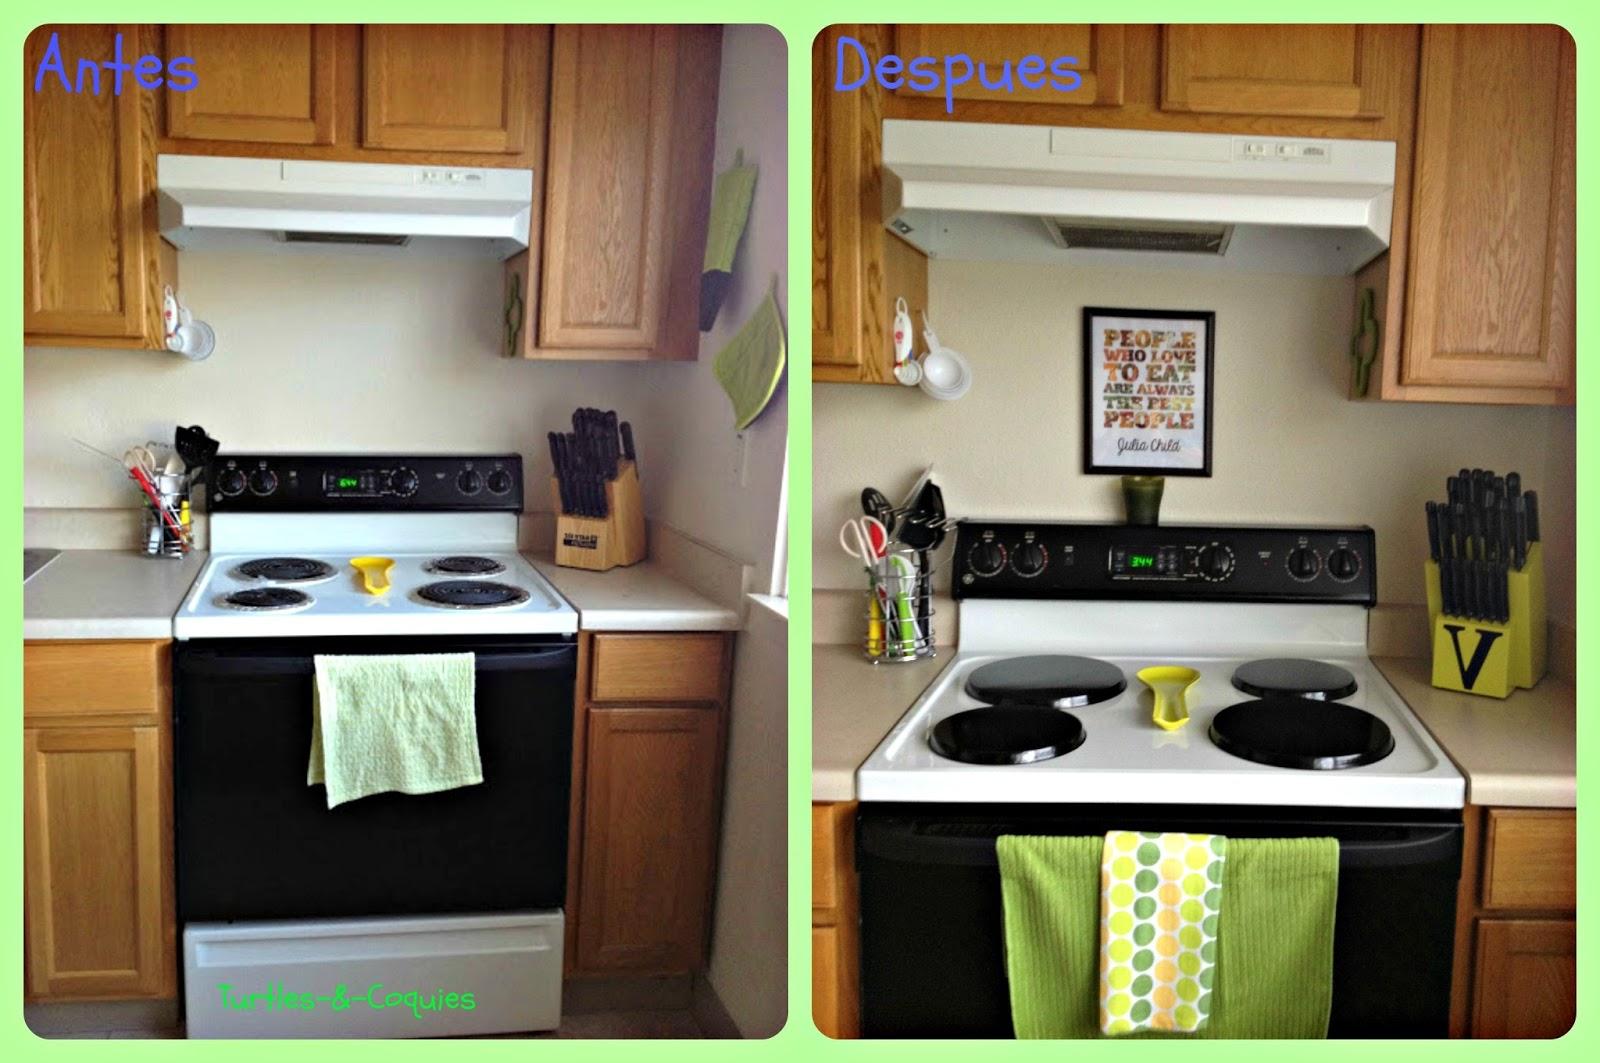 Turtles coquies limpieza de primavera cocina - Limpieza azulejos cocina ...